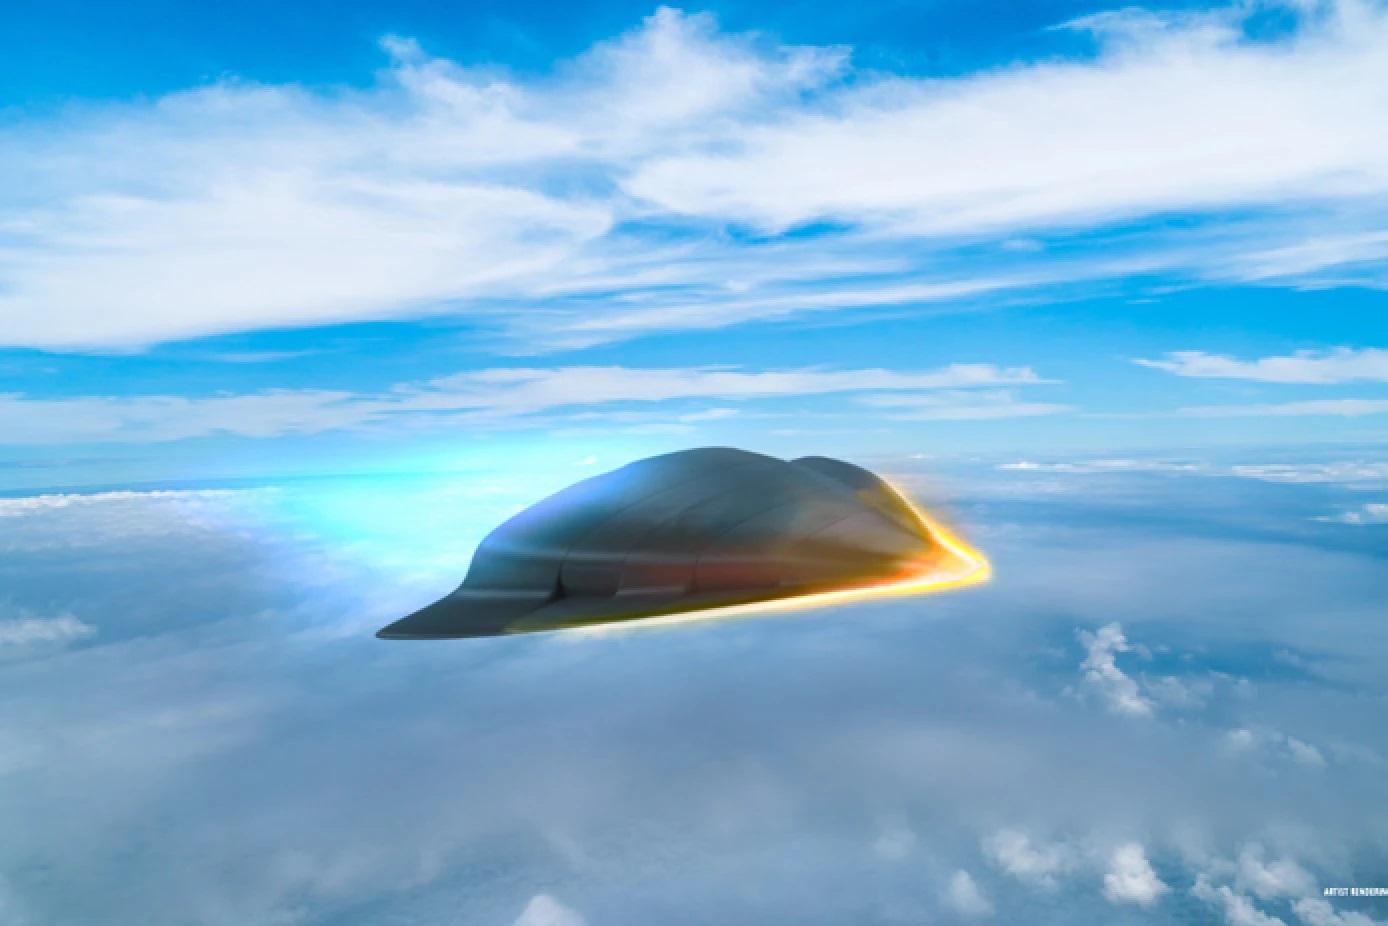 Nový materiál se bude hodit pro hypersonické letouny. Kredit: Raytheon.